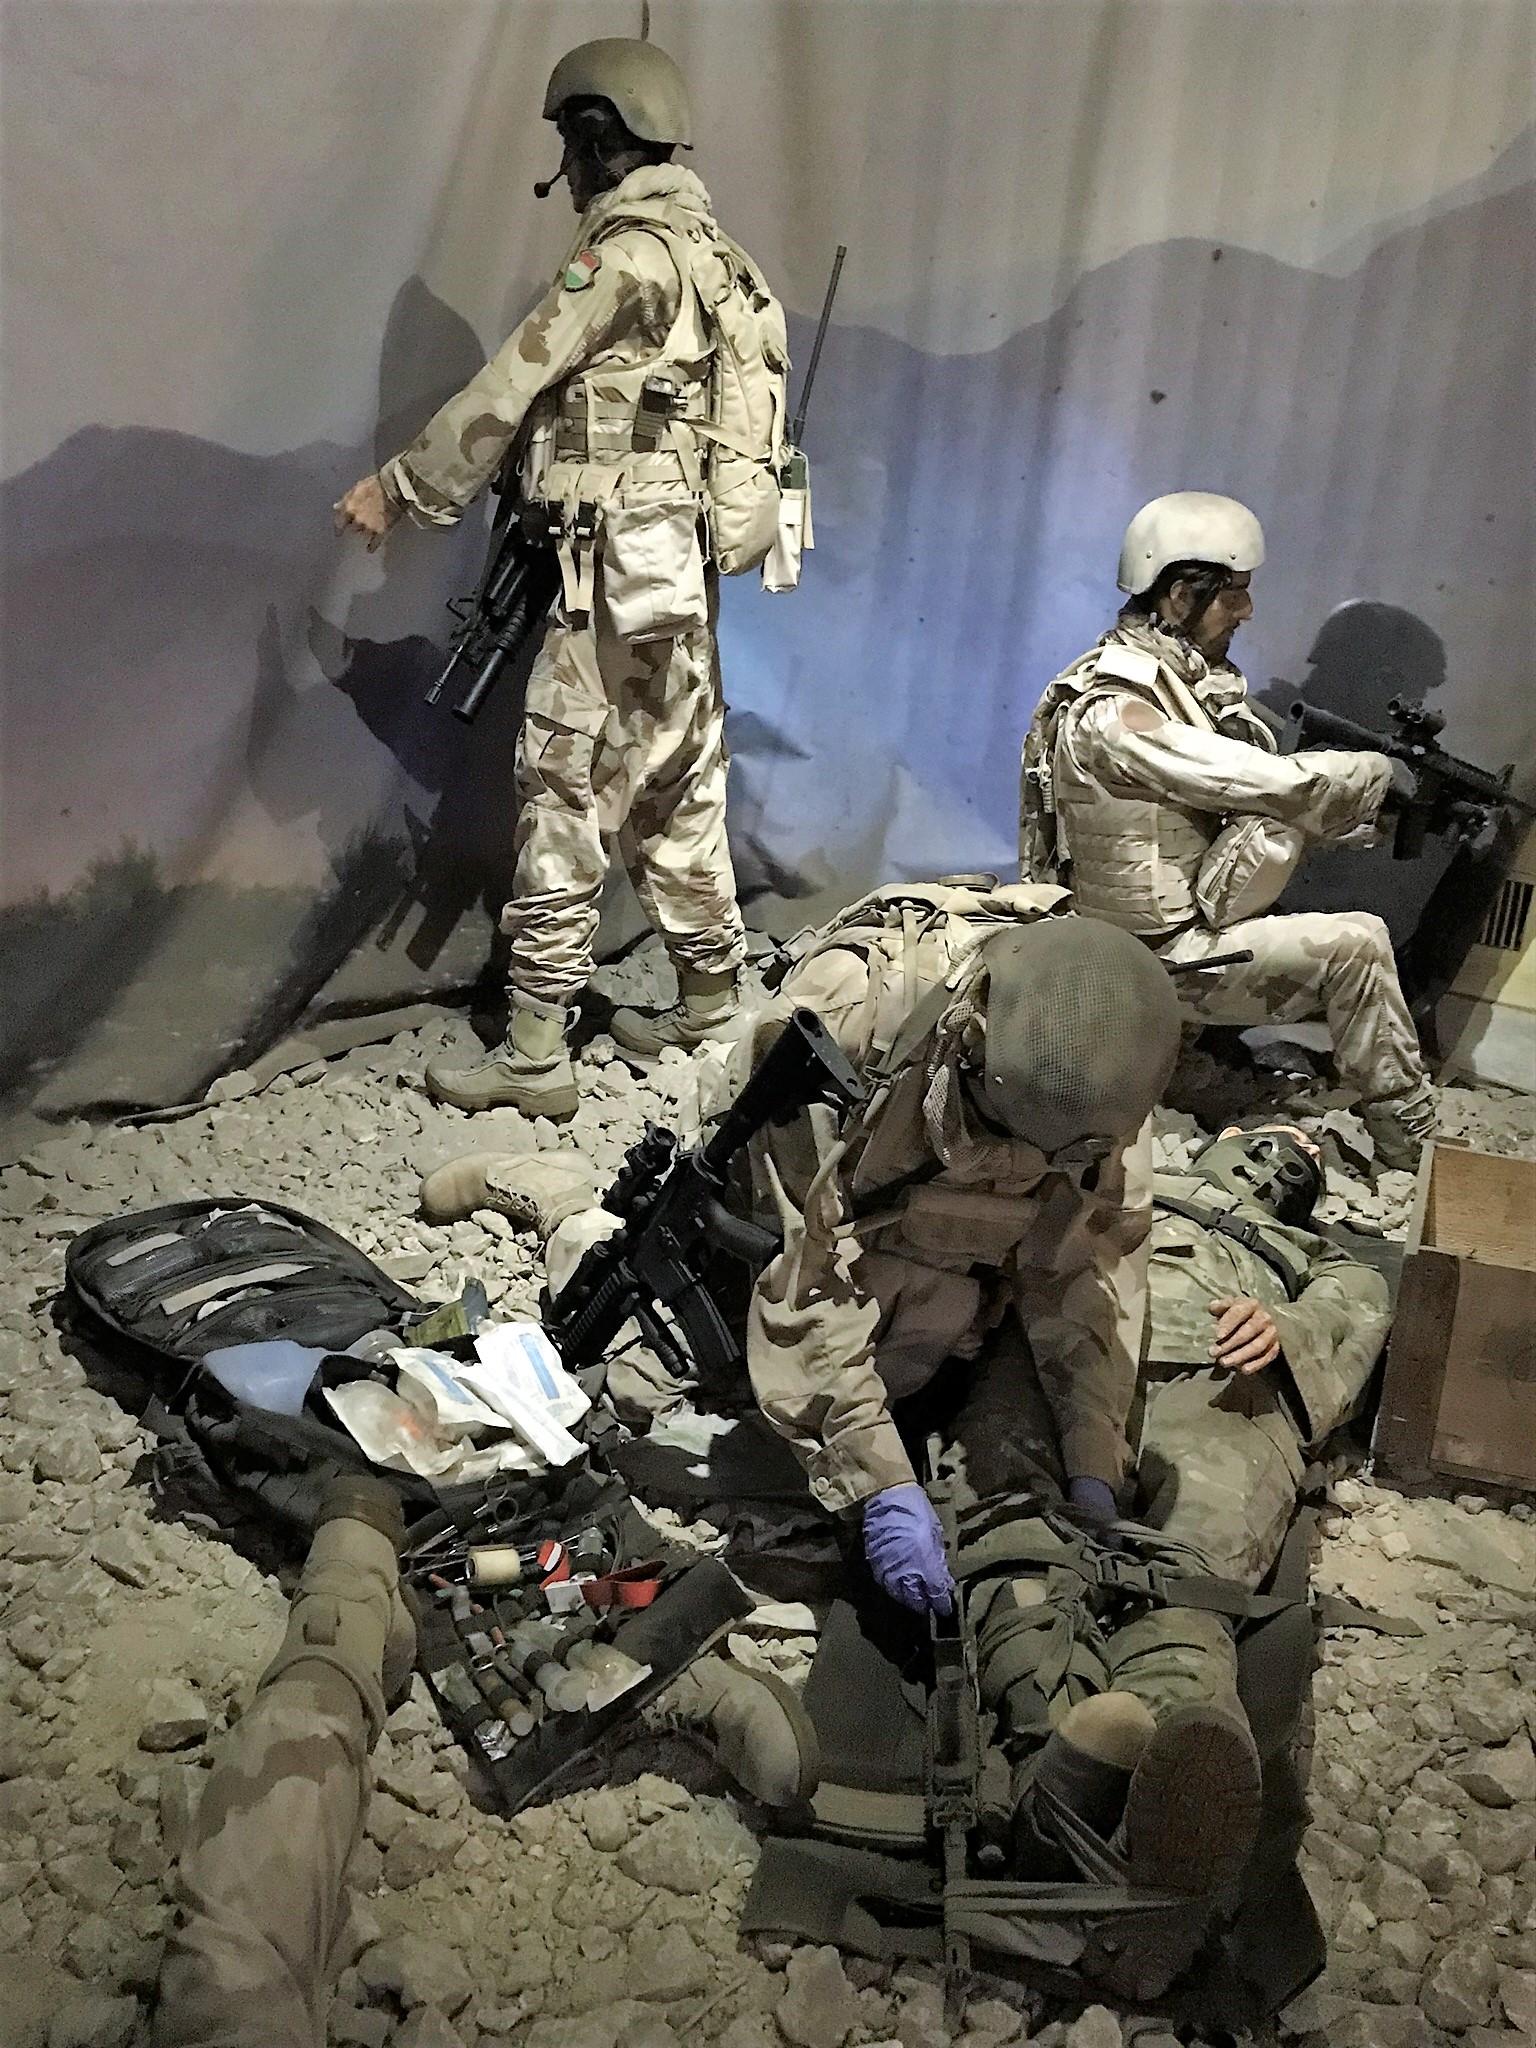 Az afganisztáni harctéren a magyar katonák láthatóak, akik parancs nélkül segítettek az amerikai katonáknak. A törött csontokat fegyverrel rögzítették és tették sínbe orvosi eszközök híján.